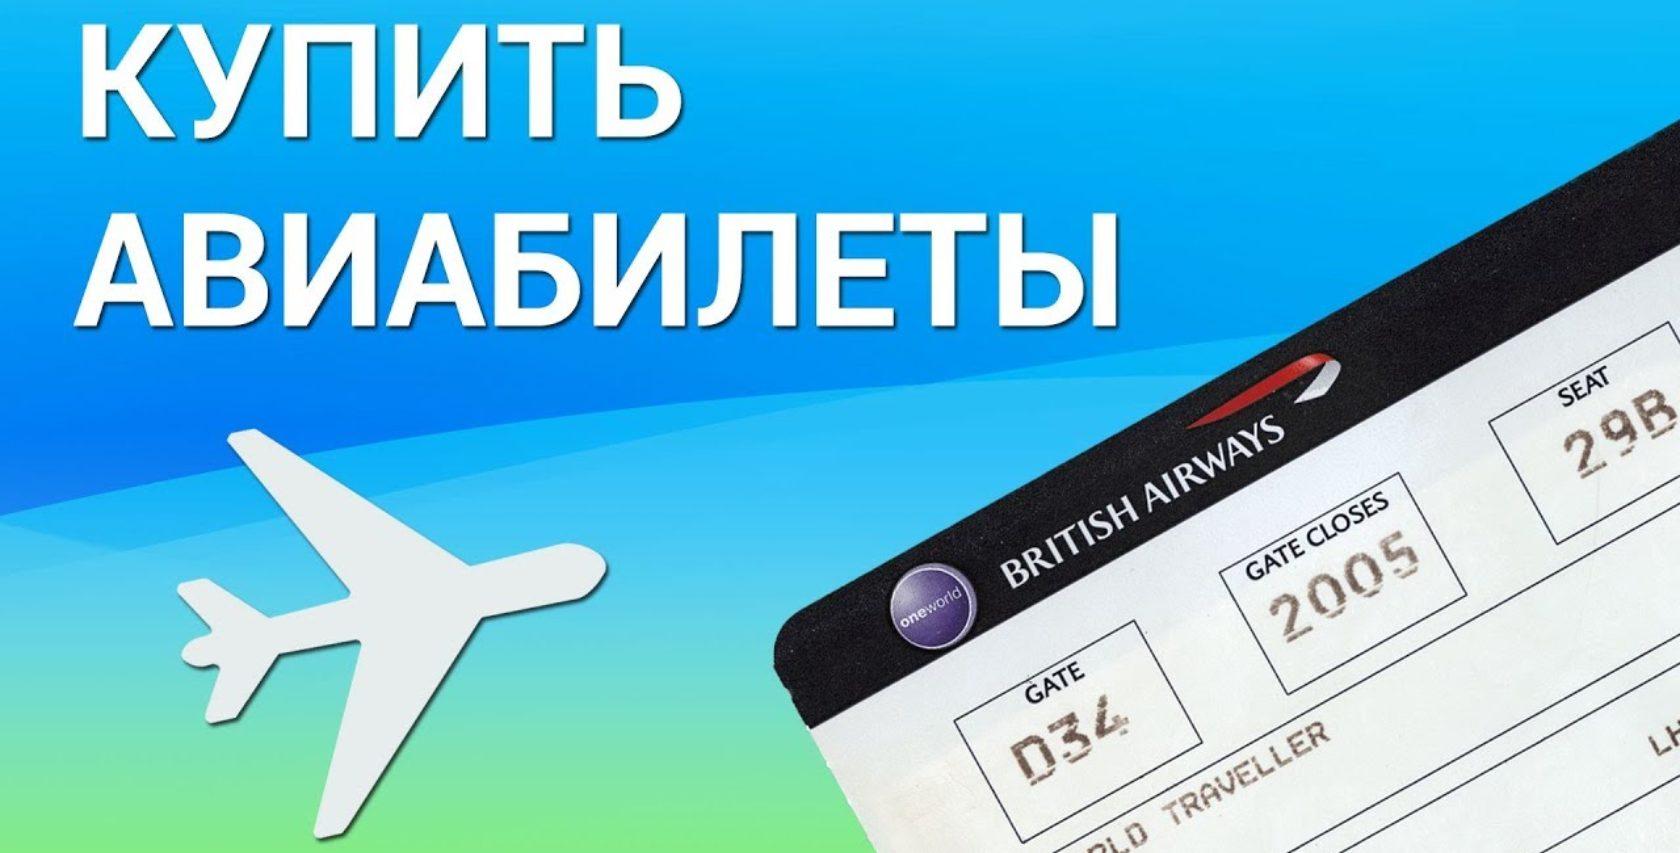 Купить авиабилеты online